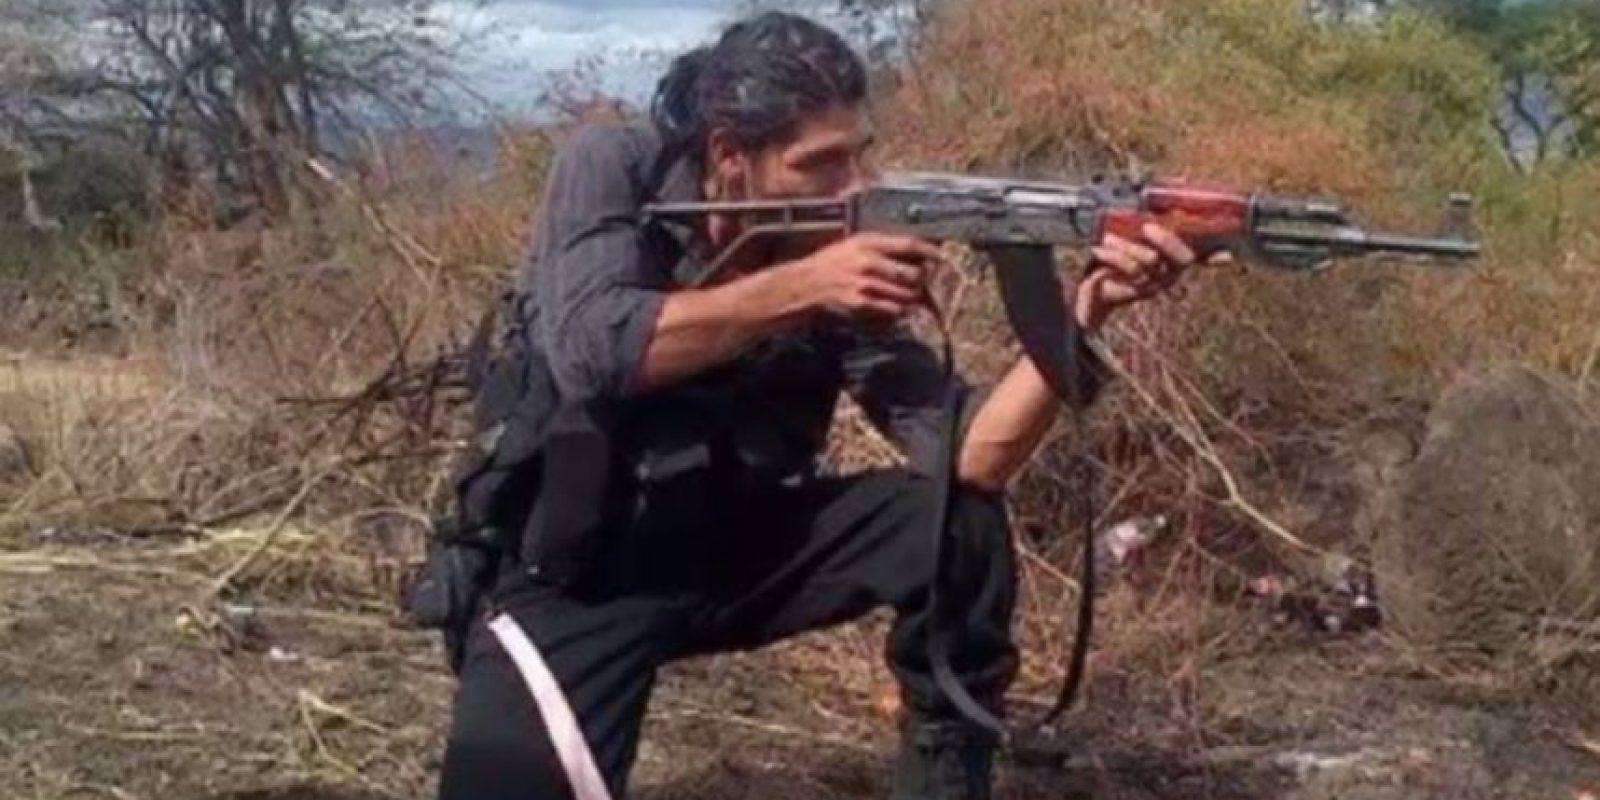 """""""Broly Banderas"""" es el sicario más poderoso del cartel """"Los Caballeros Templarios"""" de Michoacán. Foto:vía Facebook/Broly Banderas- Organización"""